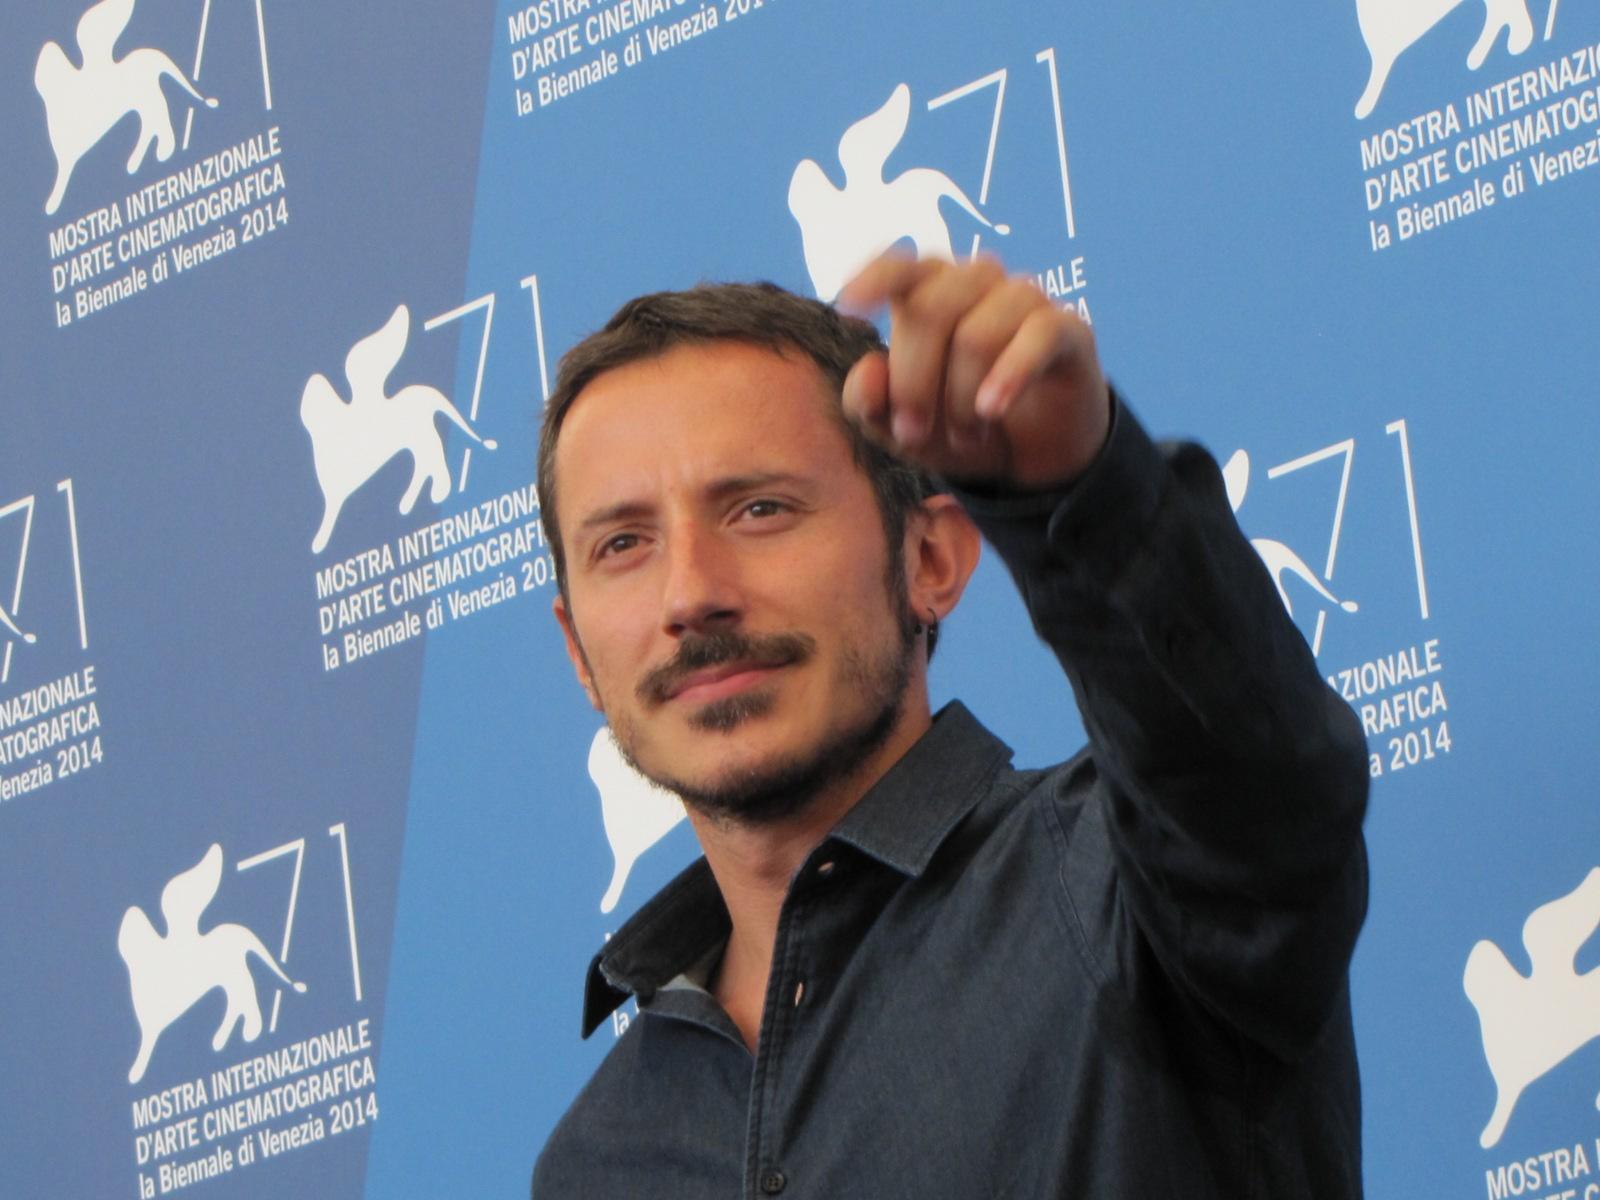 Senza nessuna pietà a Venezia 2014 - Michele Alhaique, regista del film